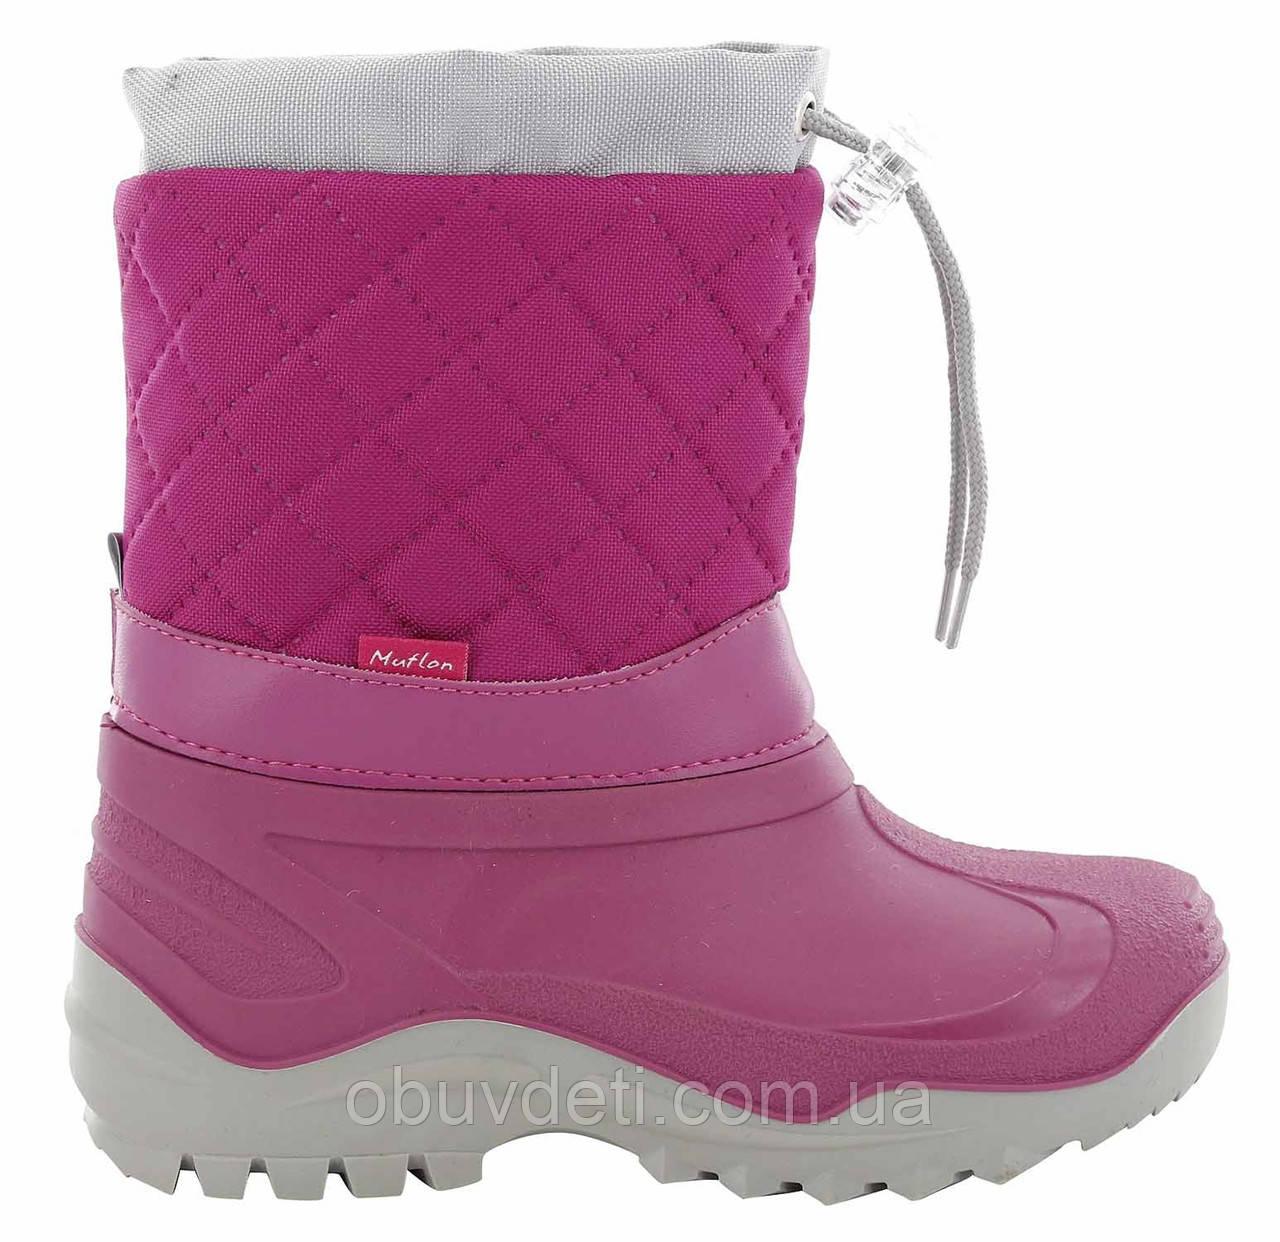 Детские сноубутсы для девочки Muflon29-30 (19,0 см)